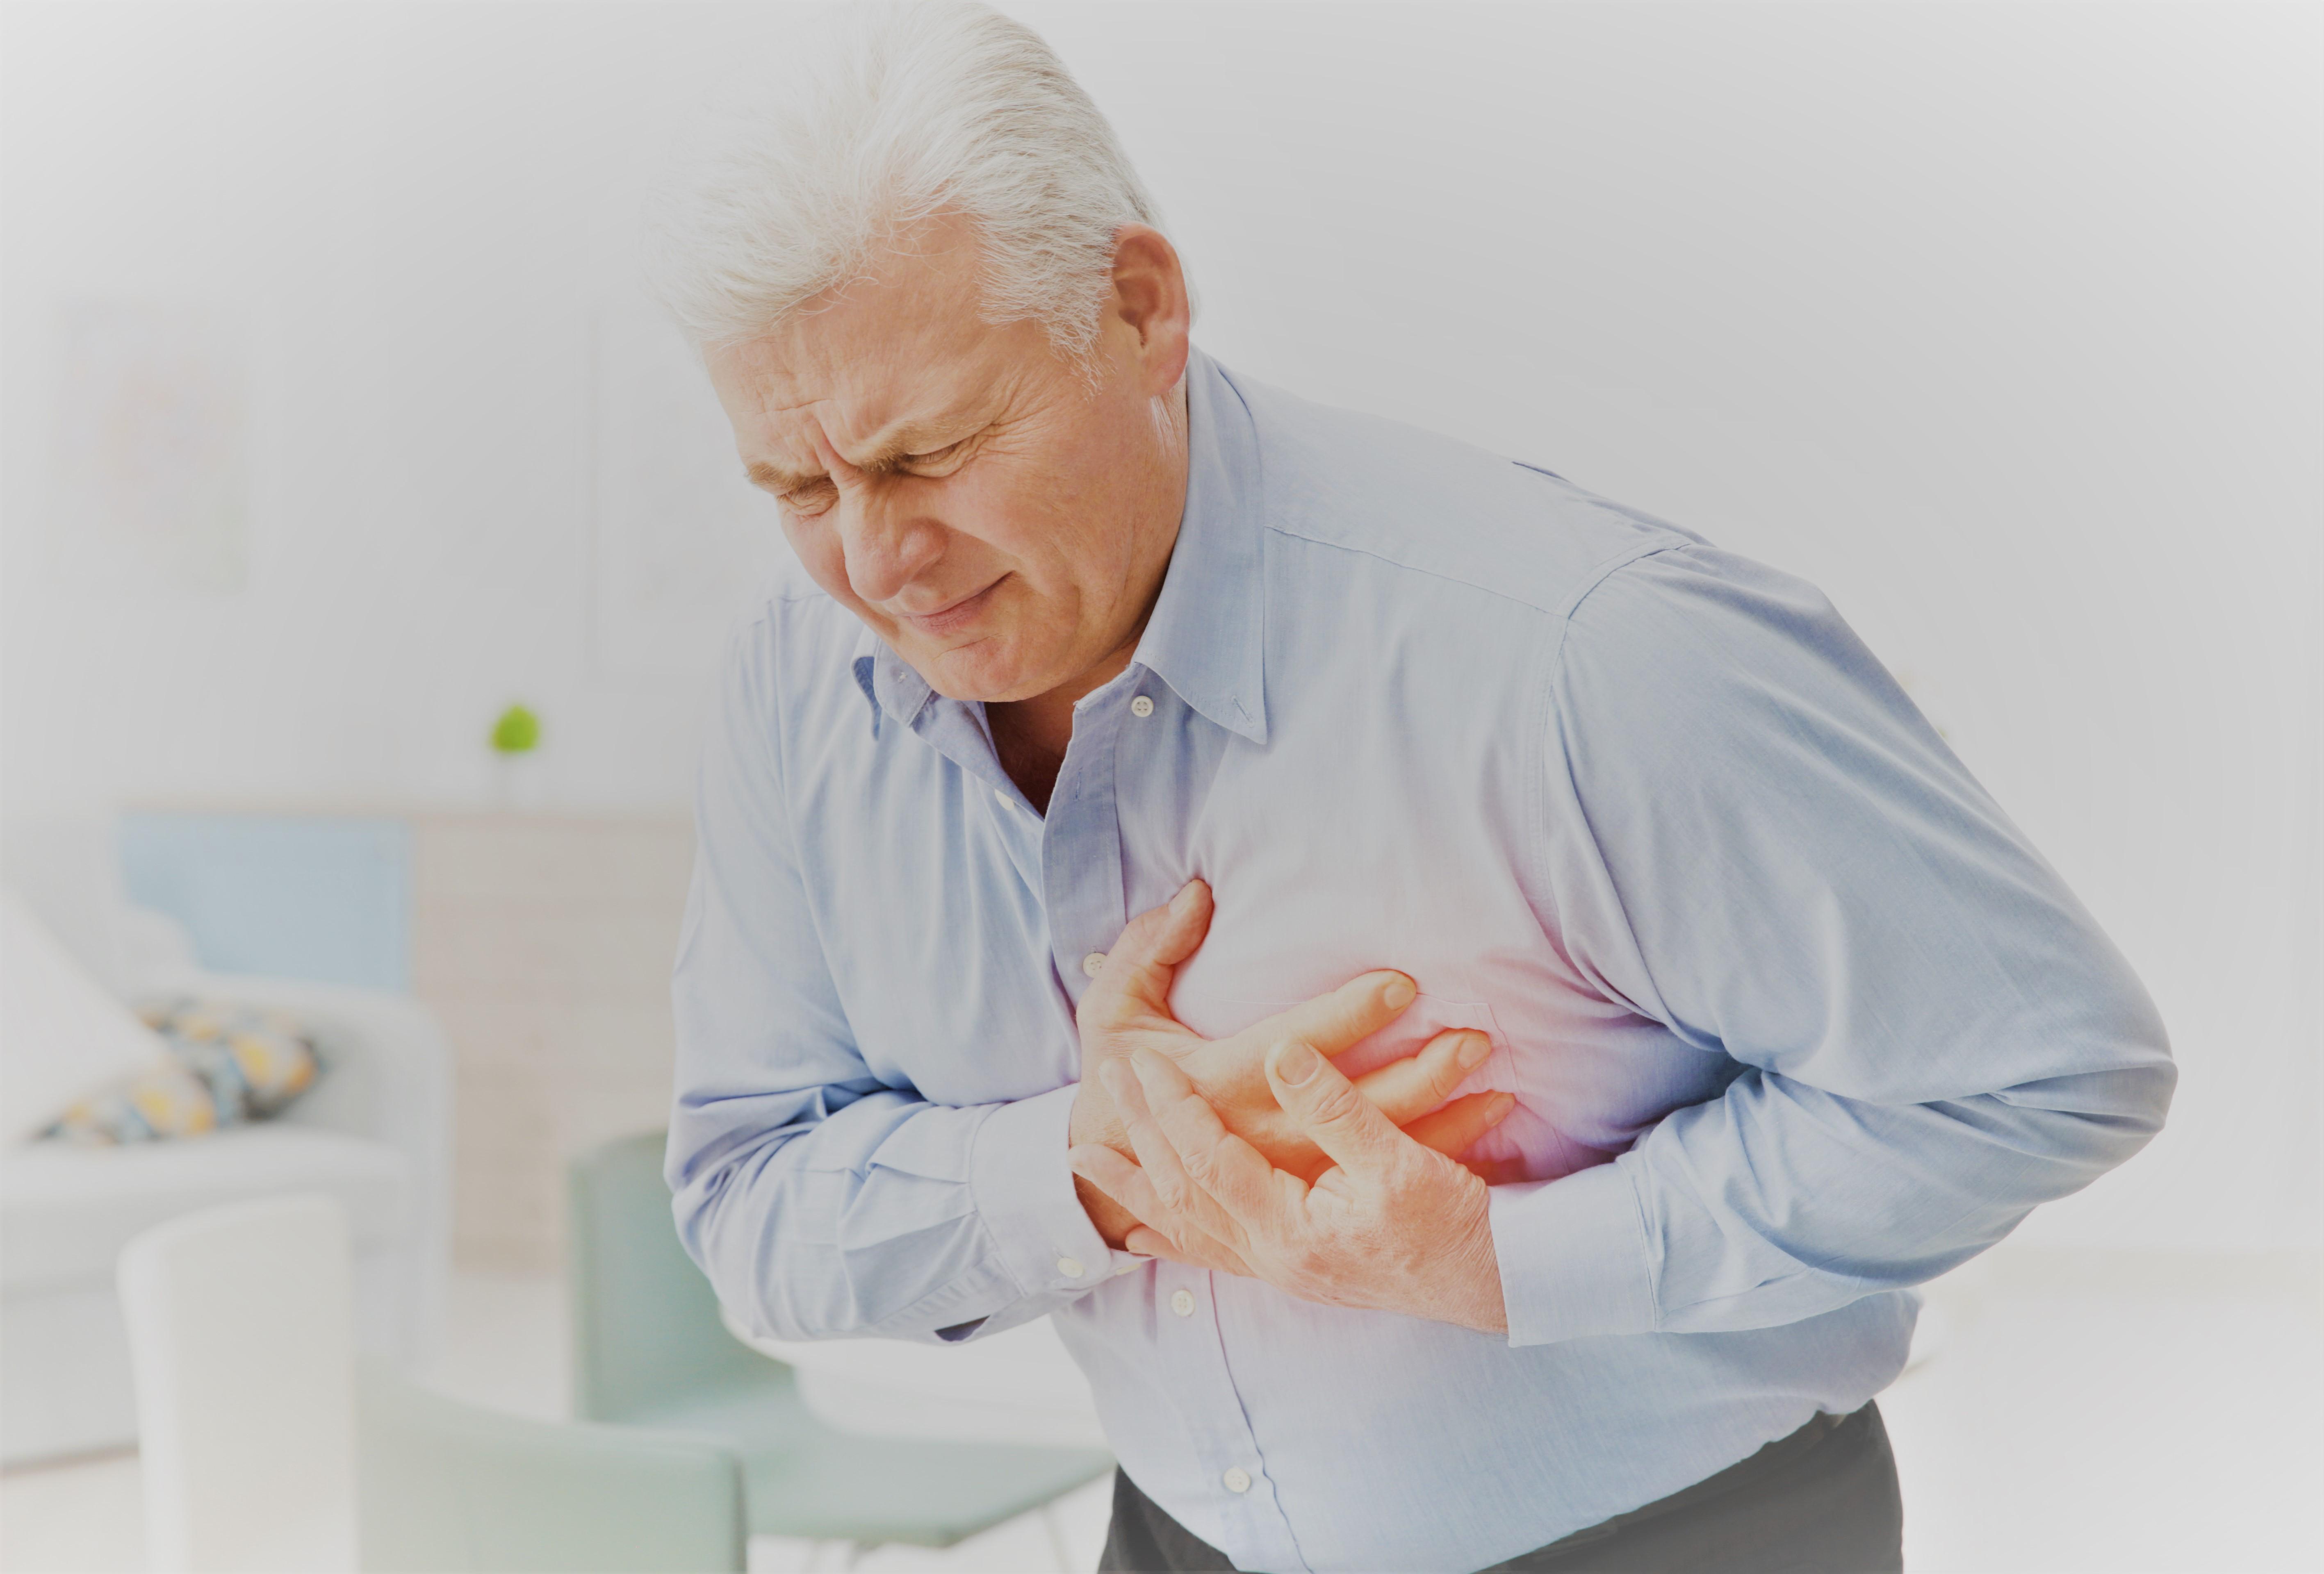 fáj a hátam és a mellkasom)